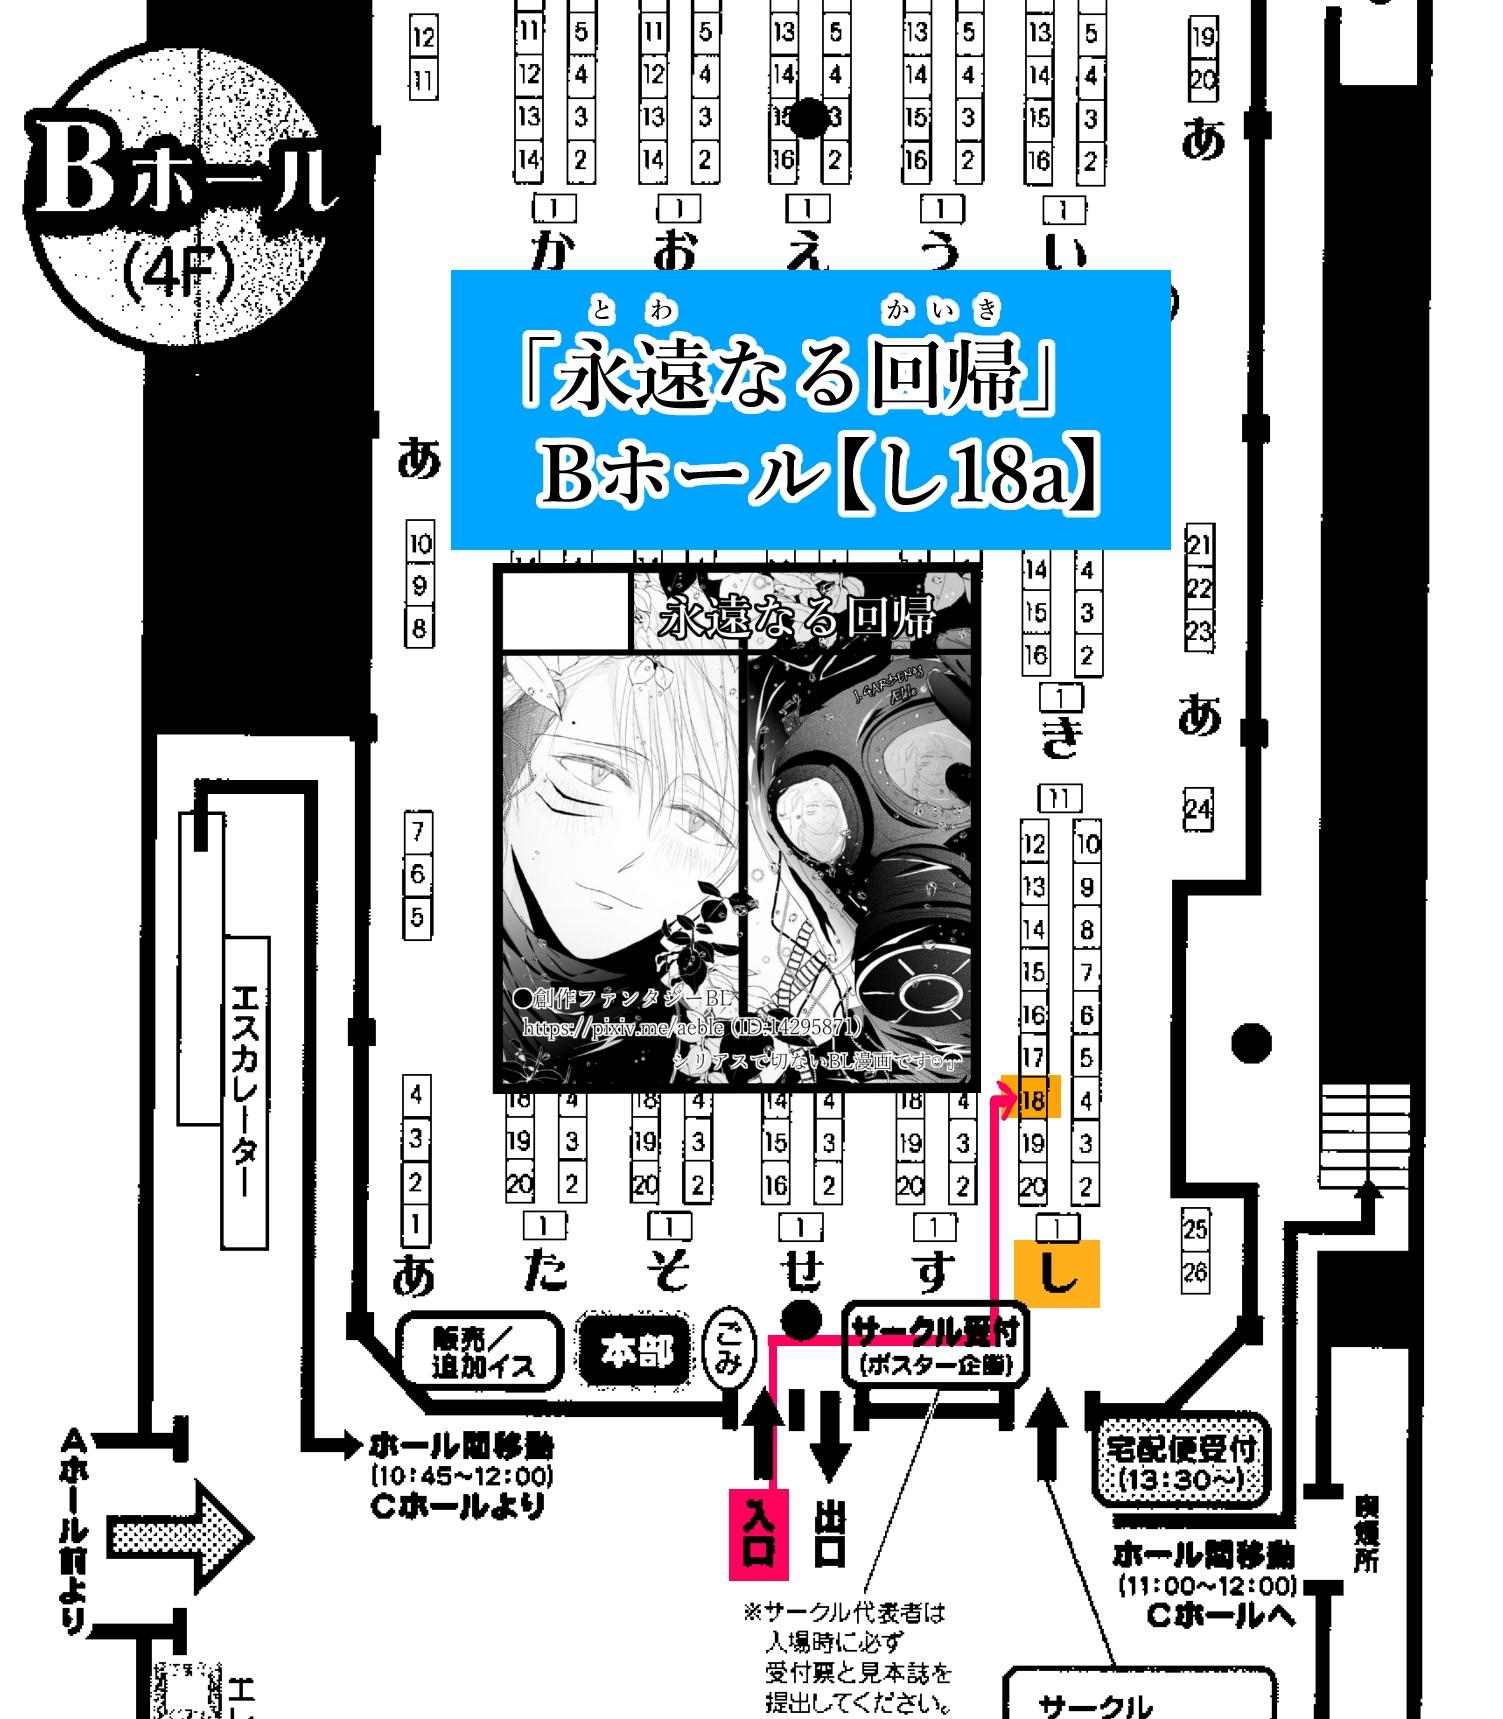 J庭43サークルスペース【Bホール/し18a】